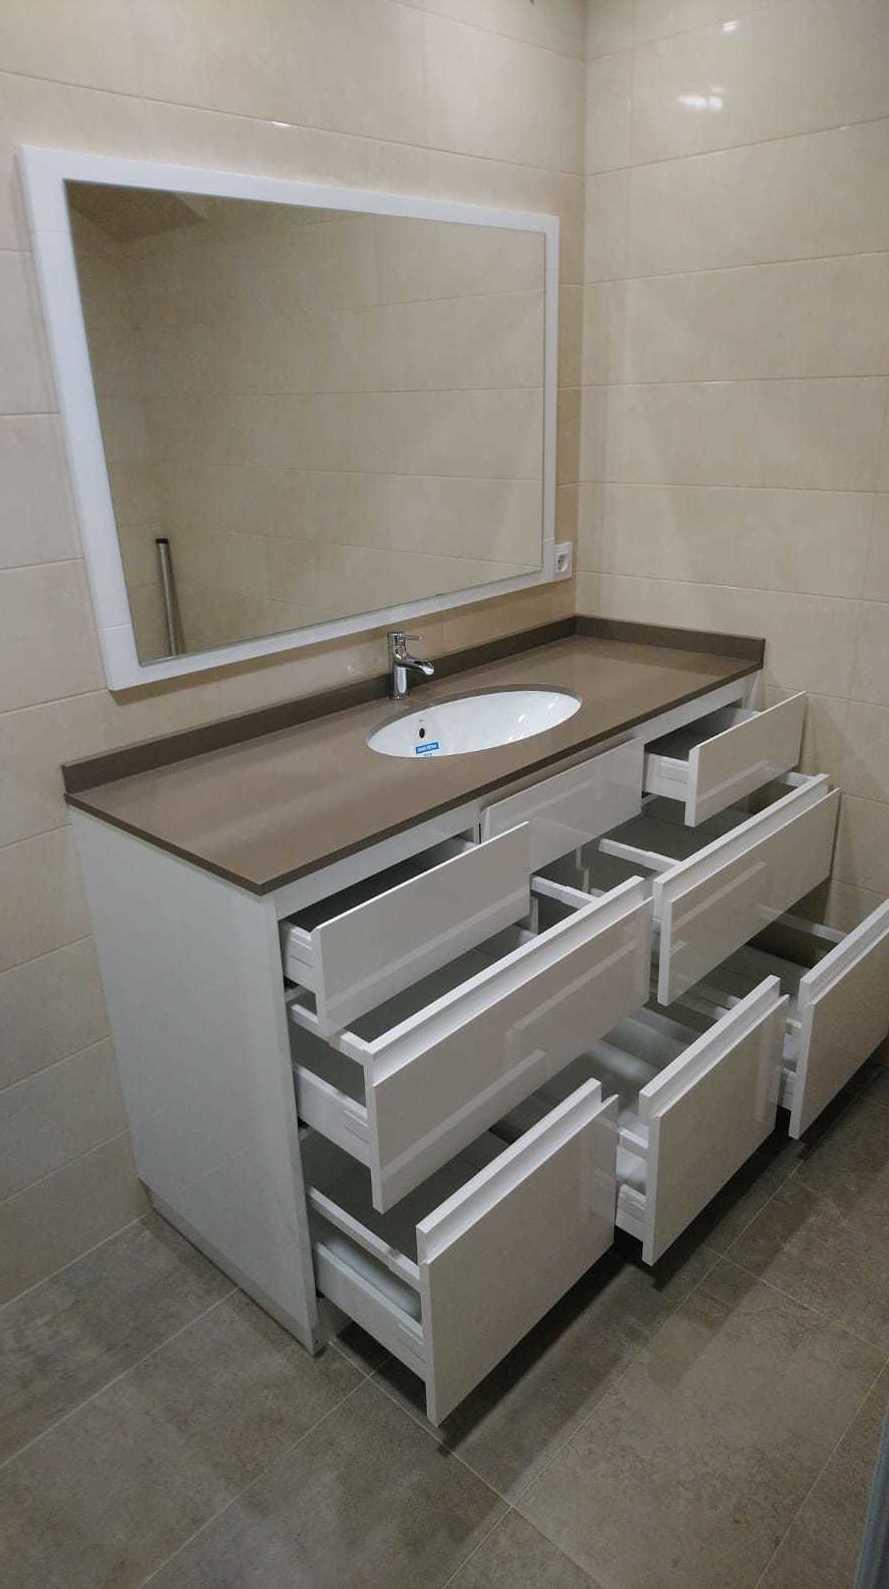 Mueble de baño con cajones, gran capacidad de almacenaje